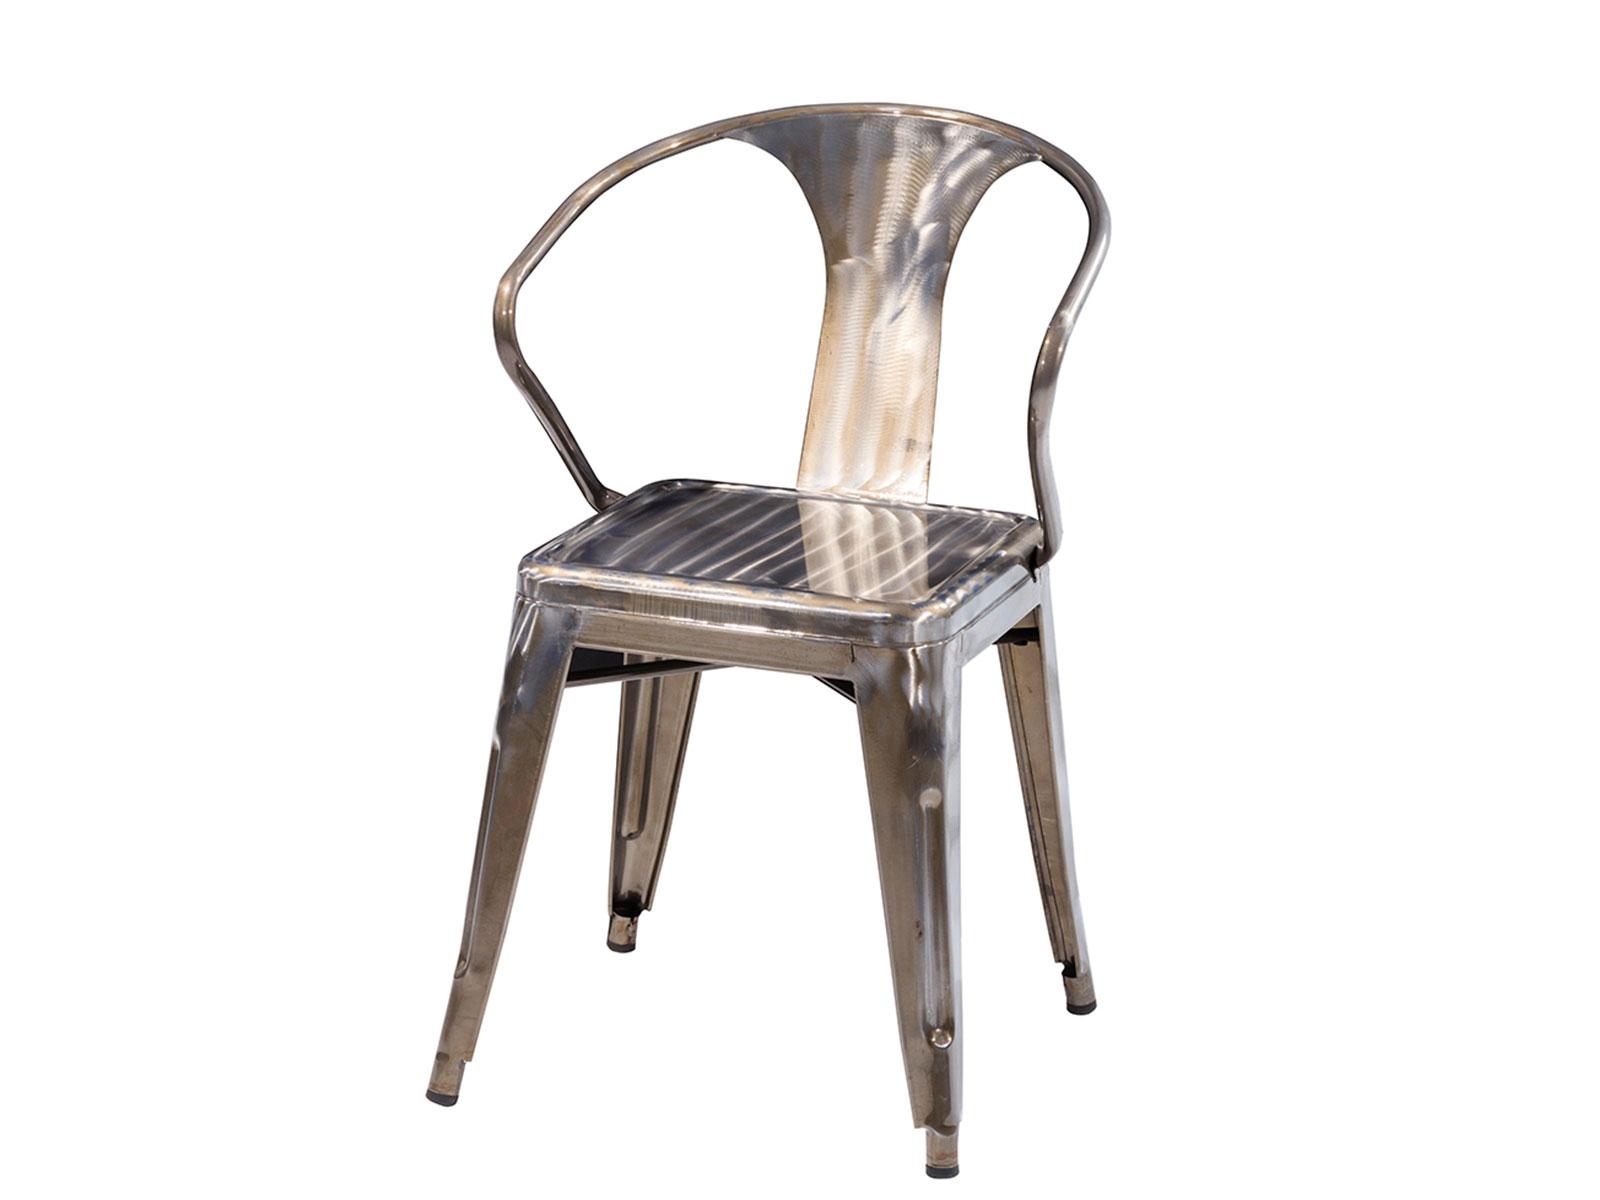 exhibit design search cecc 021 conference chair